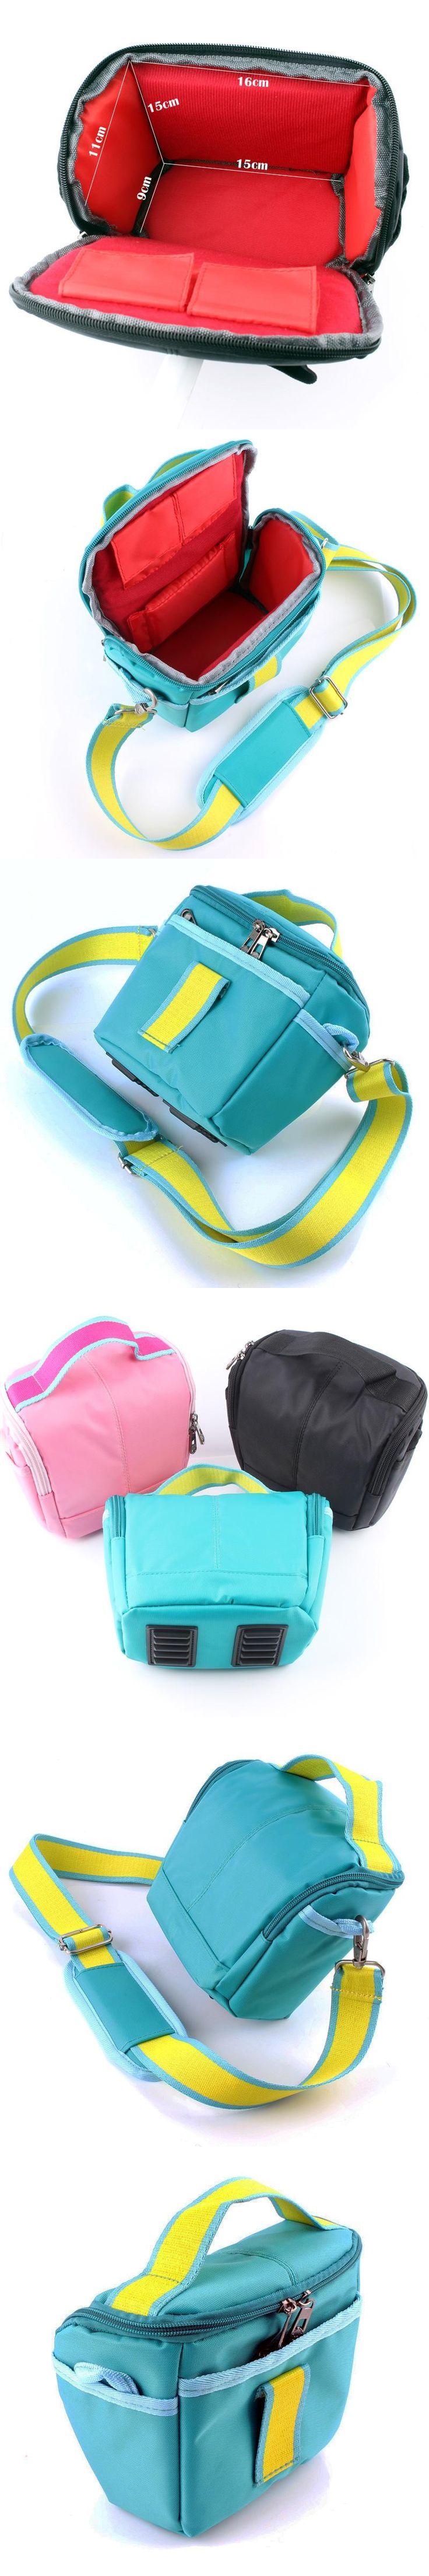 NEW Blue Camera Case Bag For Sony RX10 II H400 HX400 HX300 HX100 HX10 A77 II 7R A6300 A3000 A5100 A5000 A6000 NEX6 NEX5